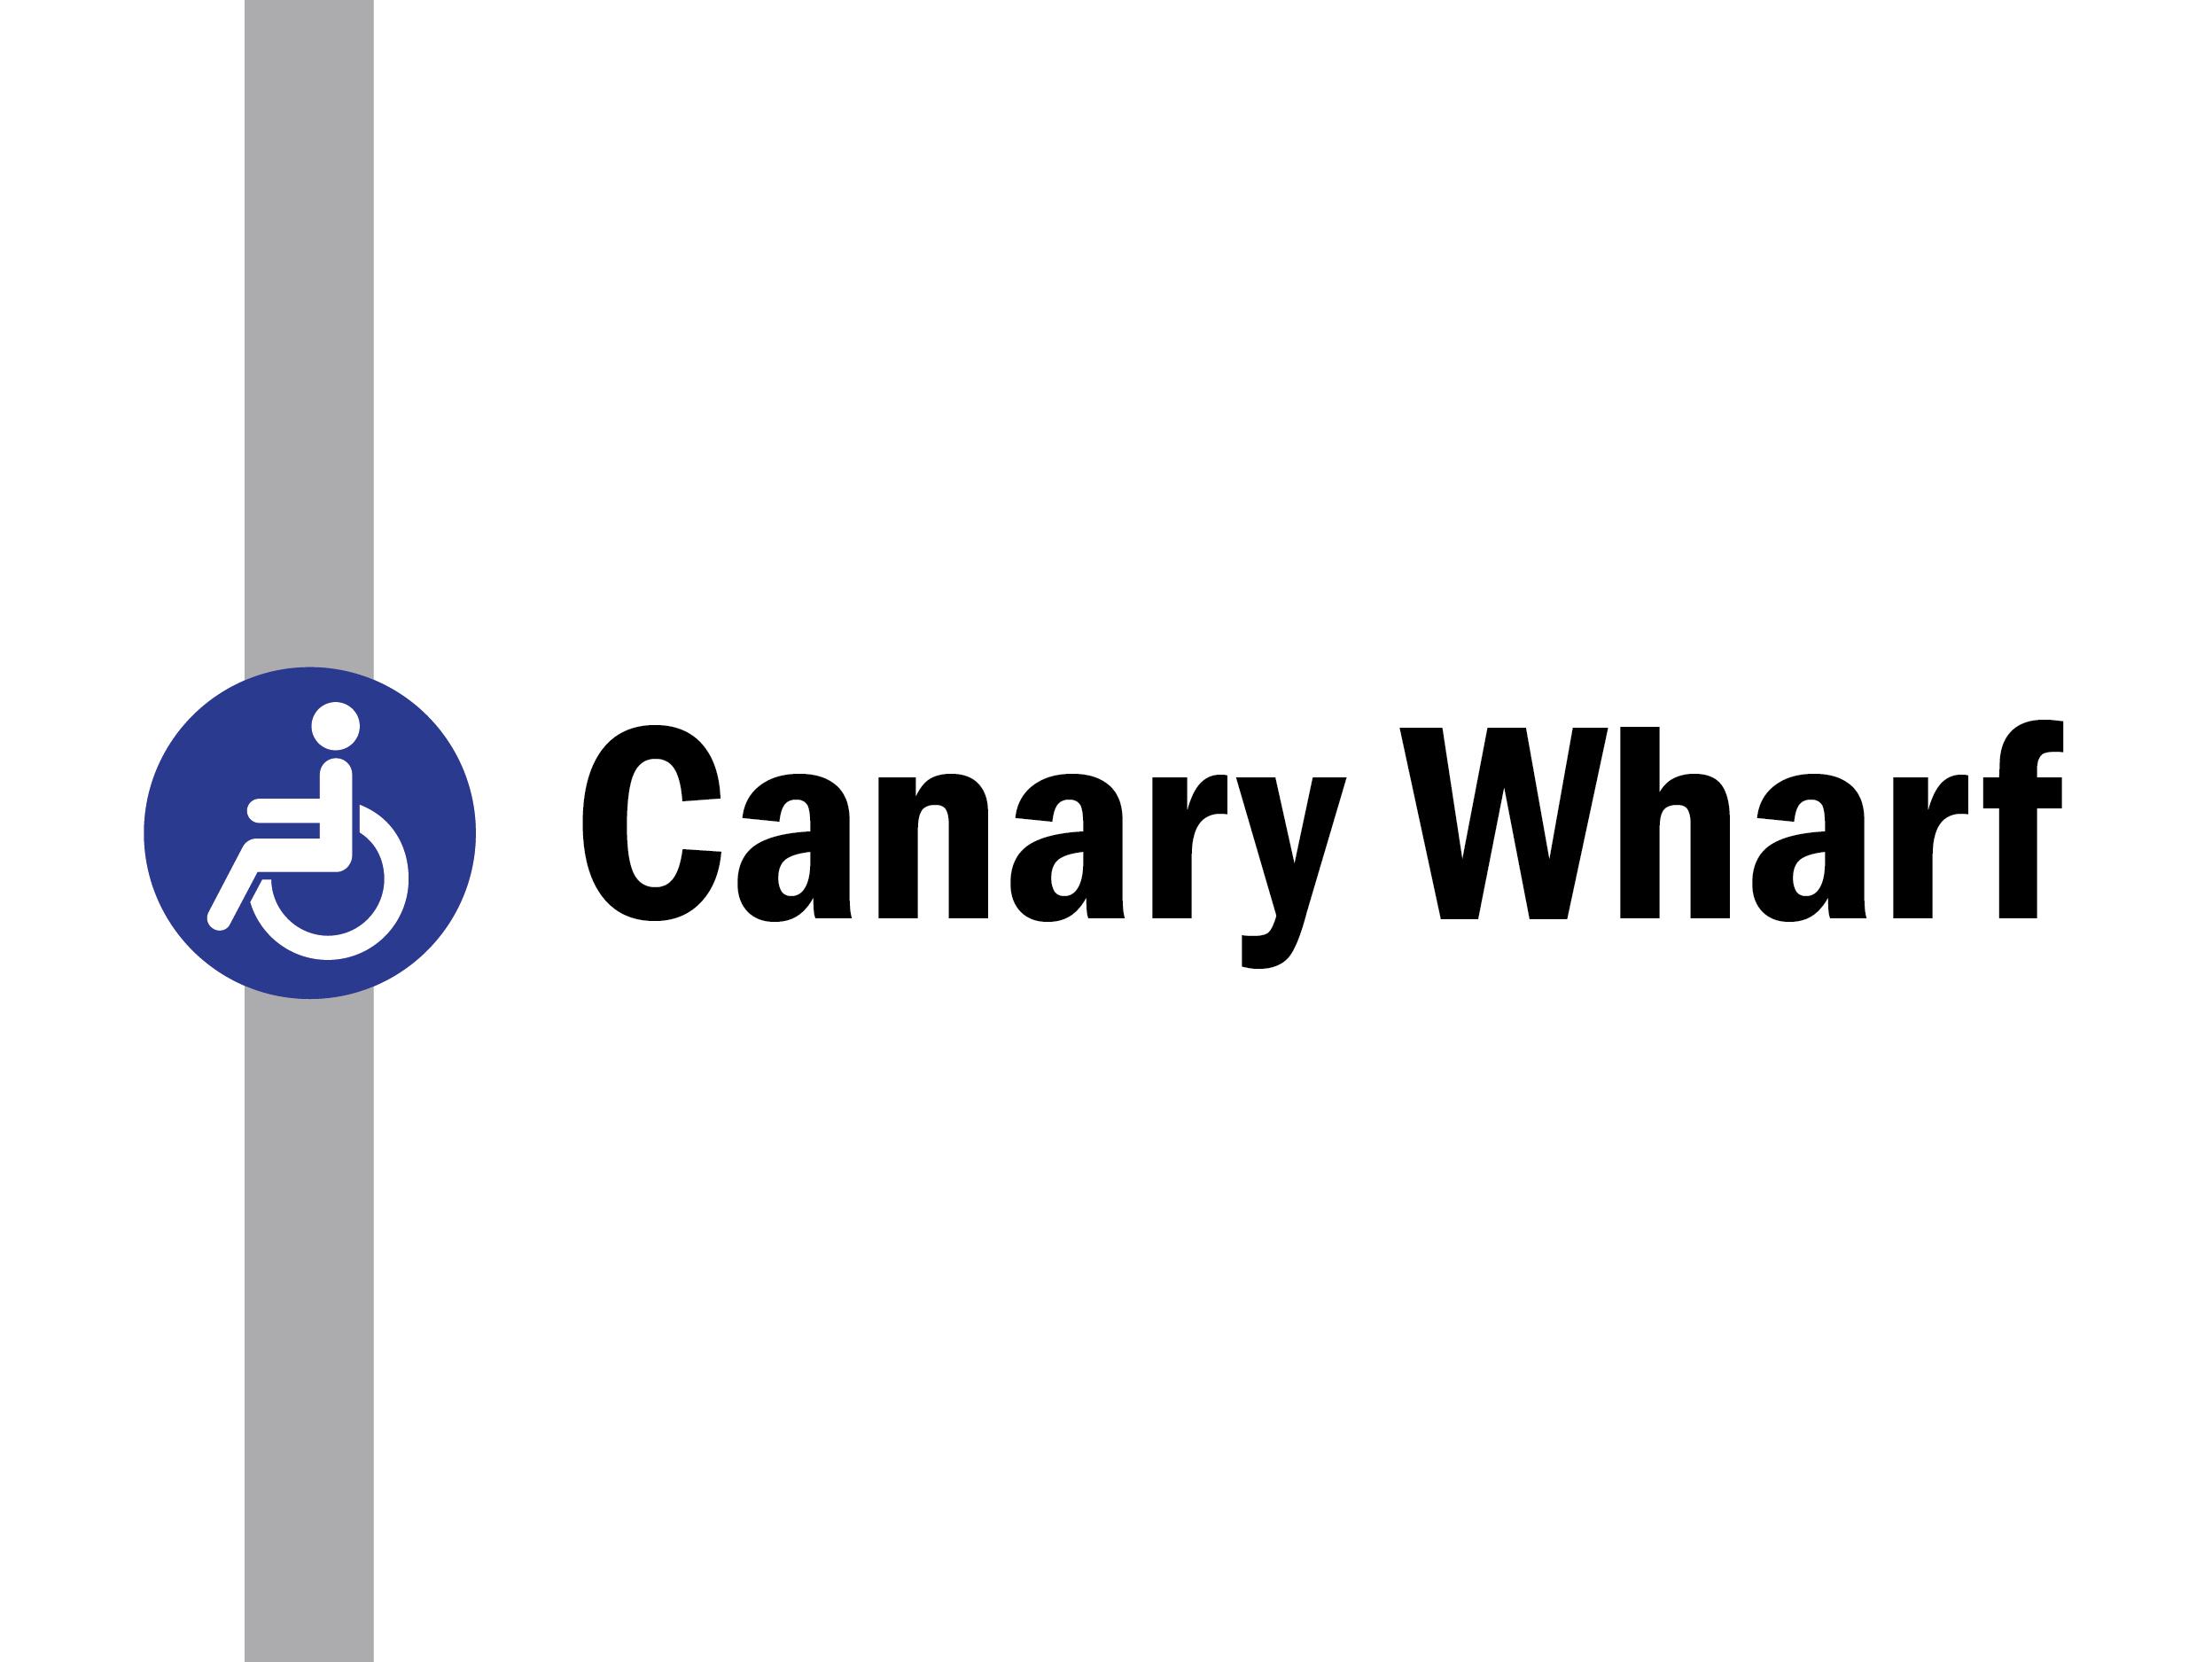 Canary Wharf, night tube